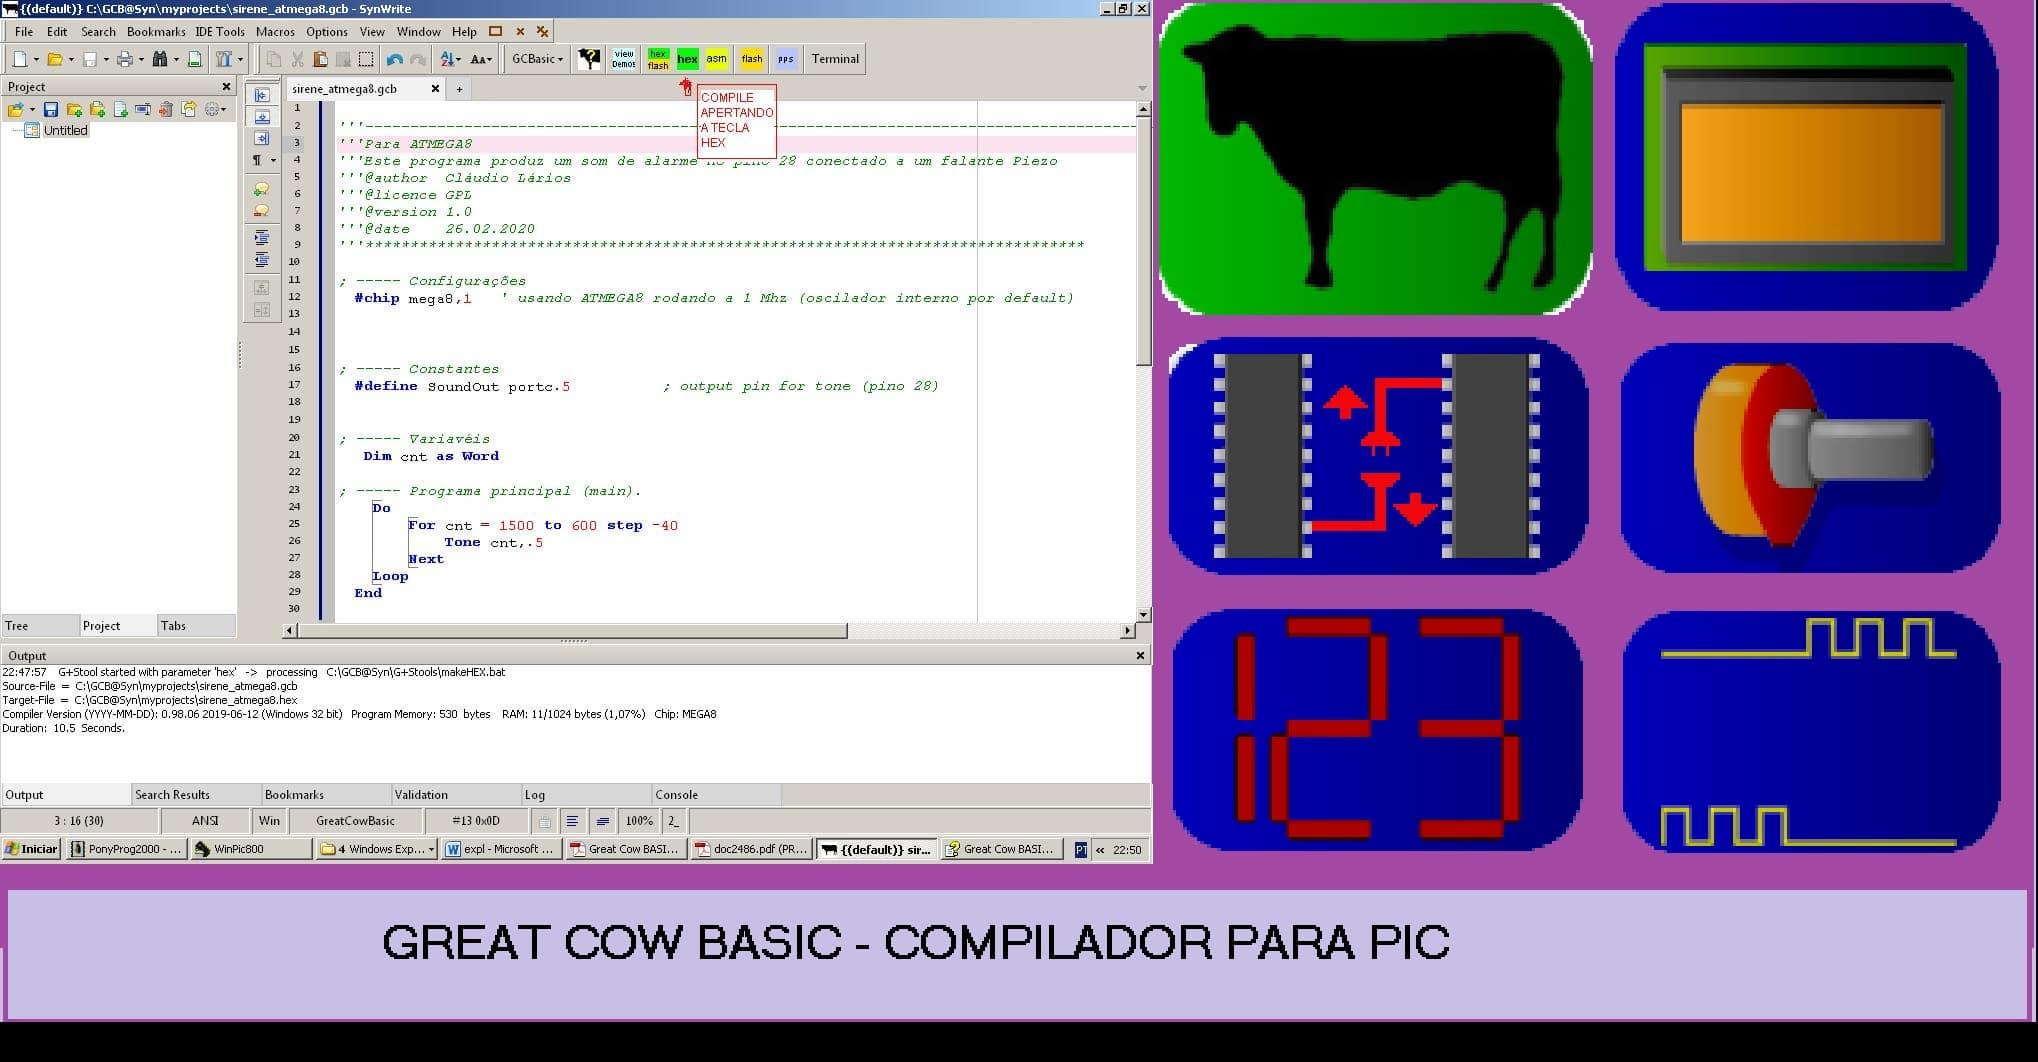 COMPILE SEUS PROGRAMAS P/ PIC OU AVR – USANDO O MESMO COMPILADOR (REF330)